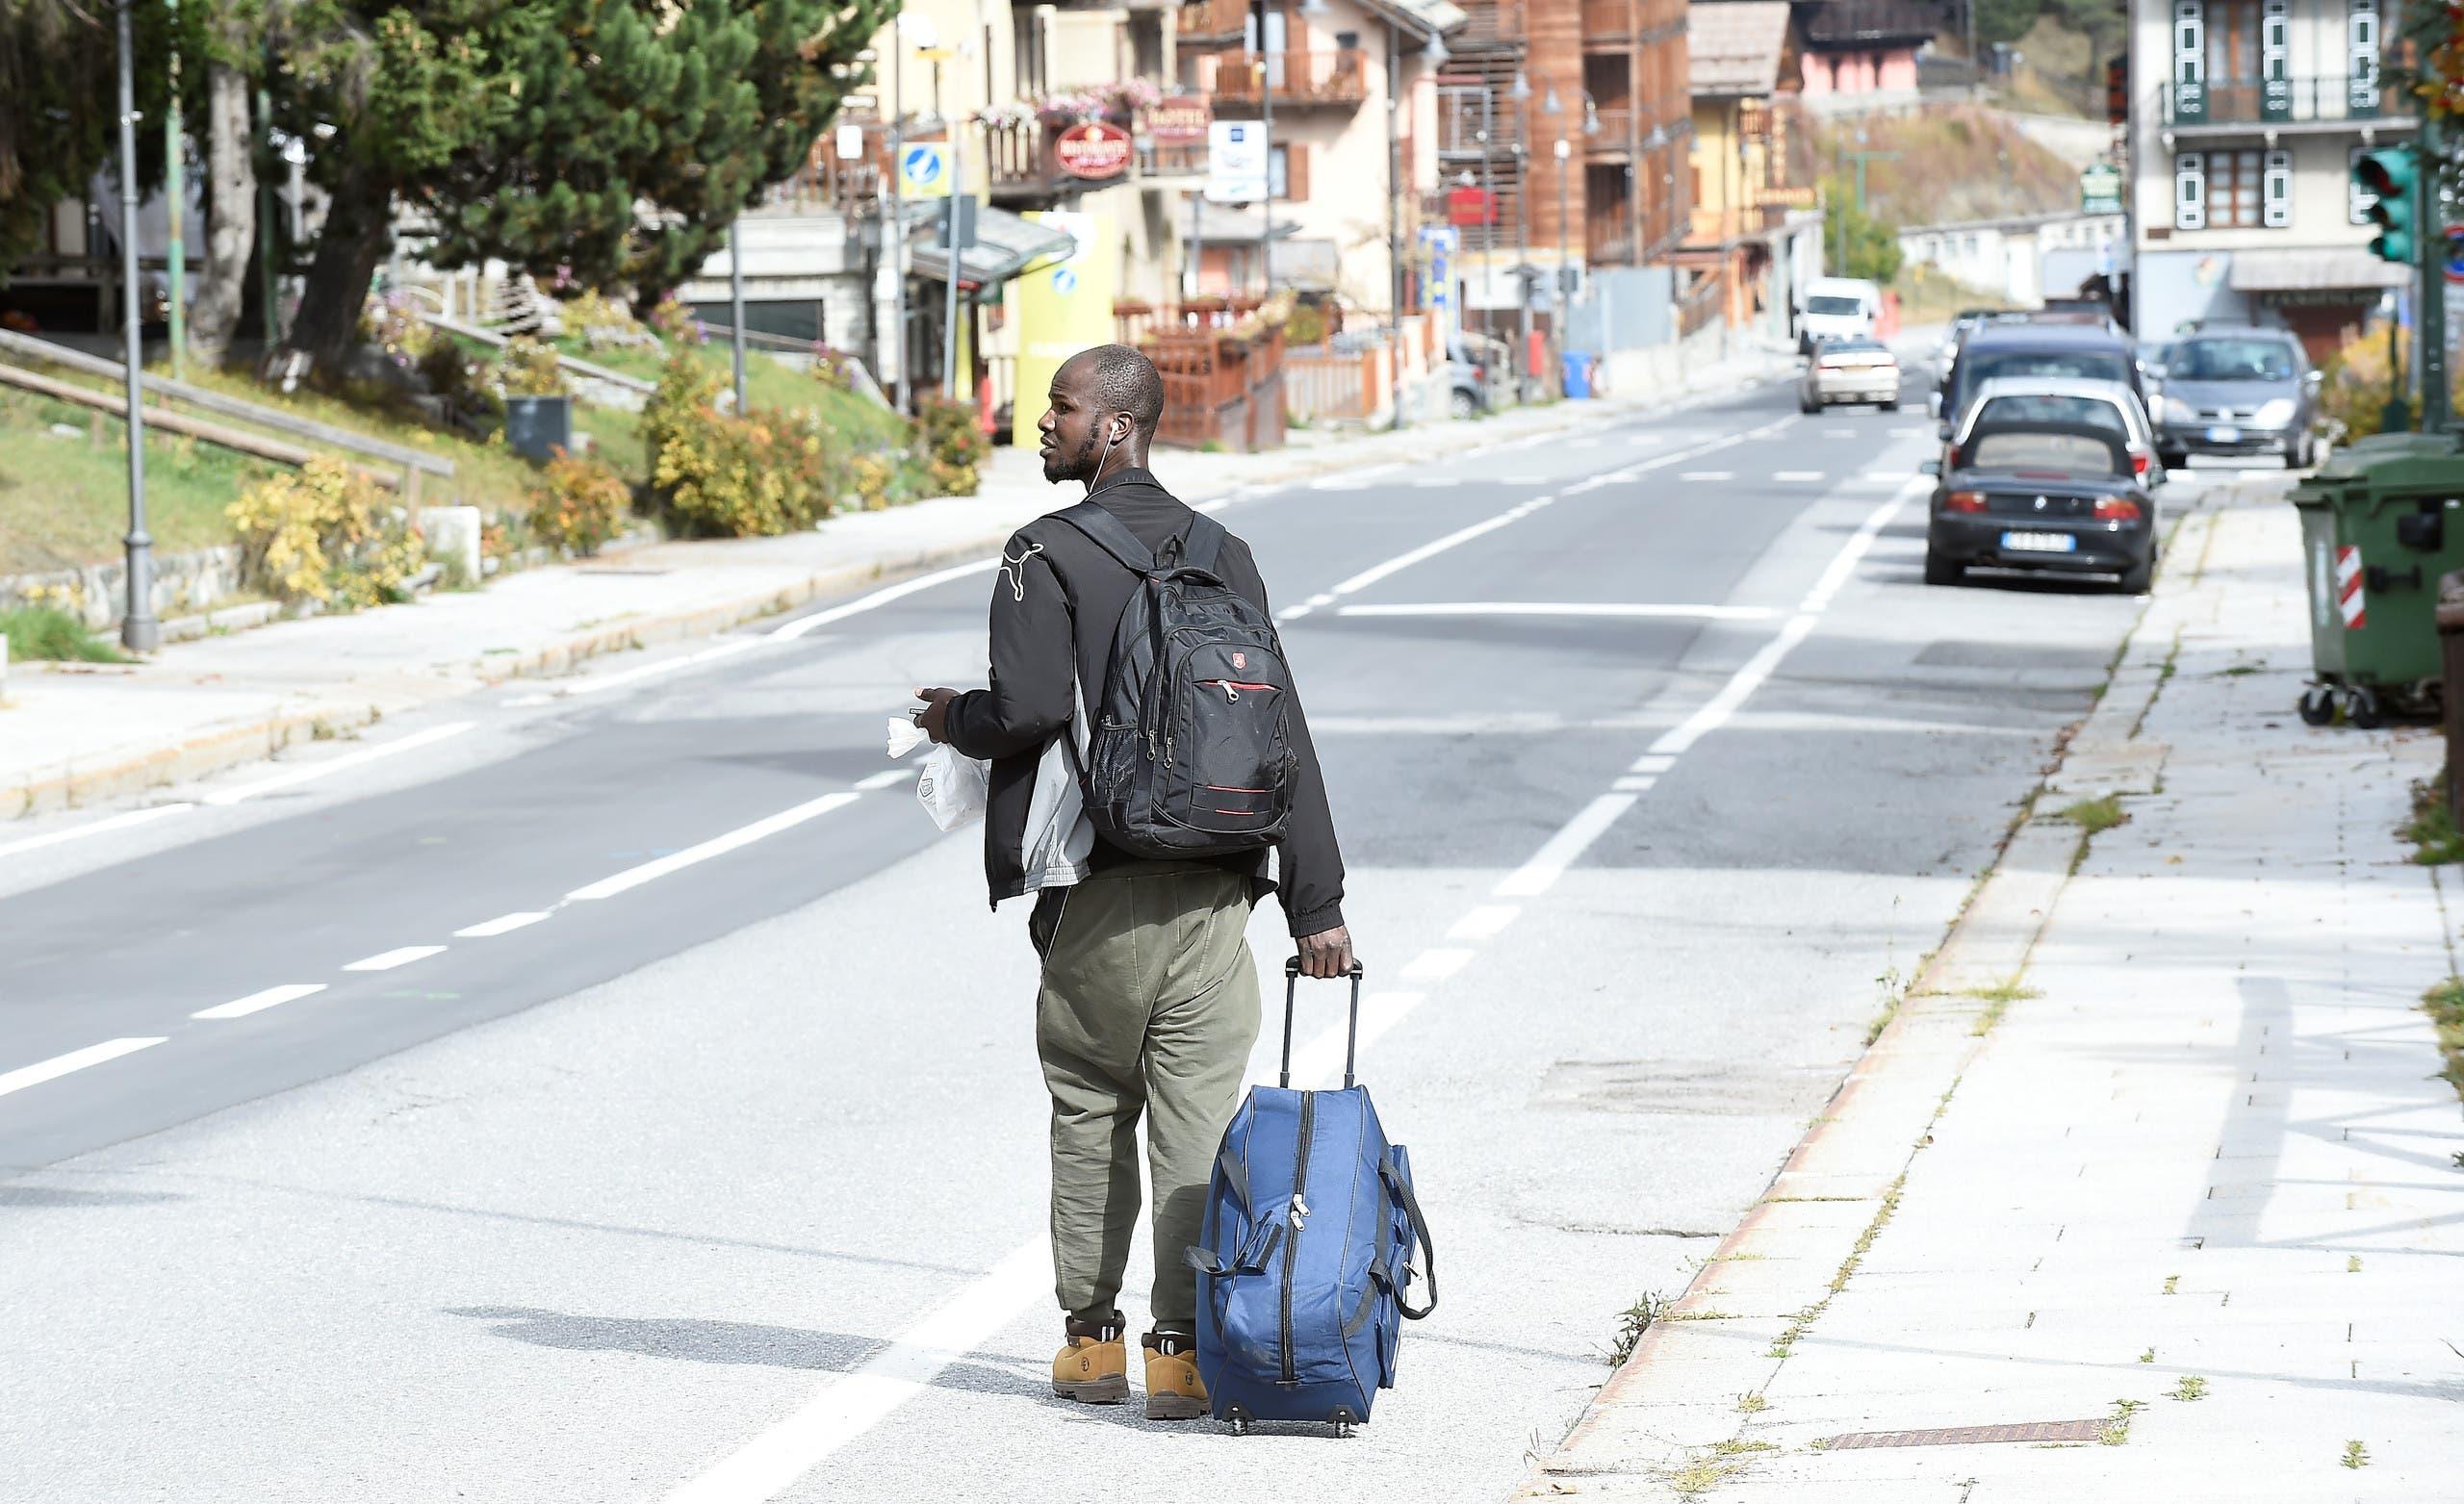 مهاجر يحاول العبور من إيطاليا إلى فرنسا